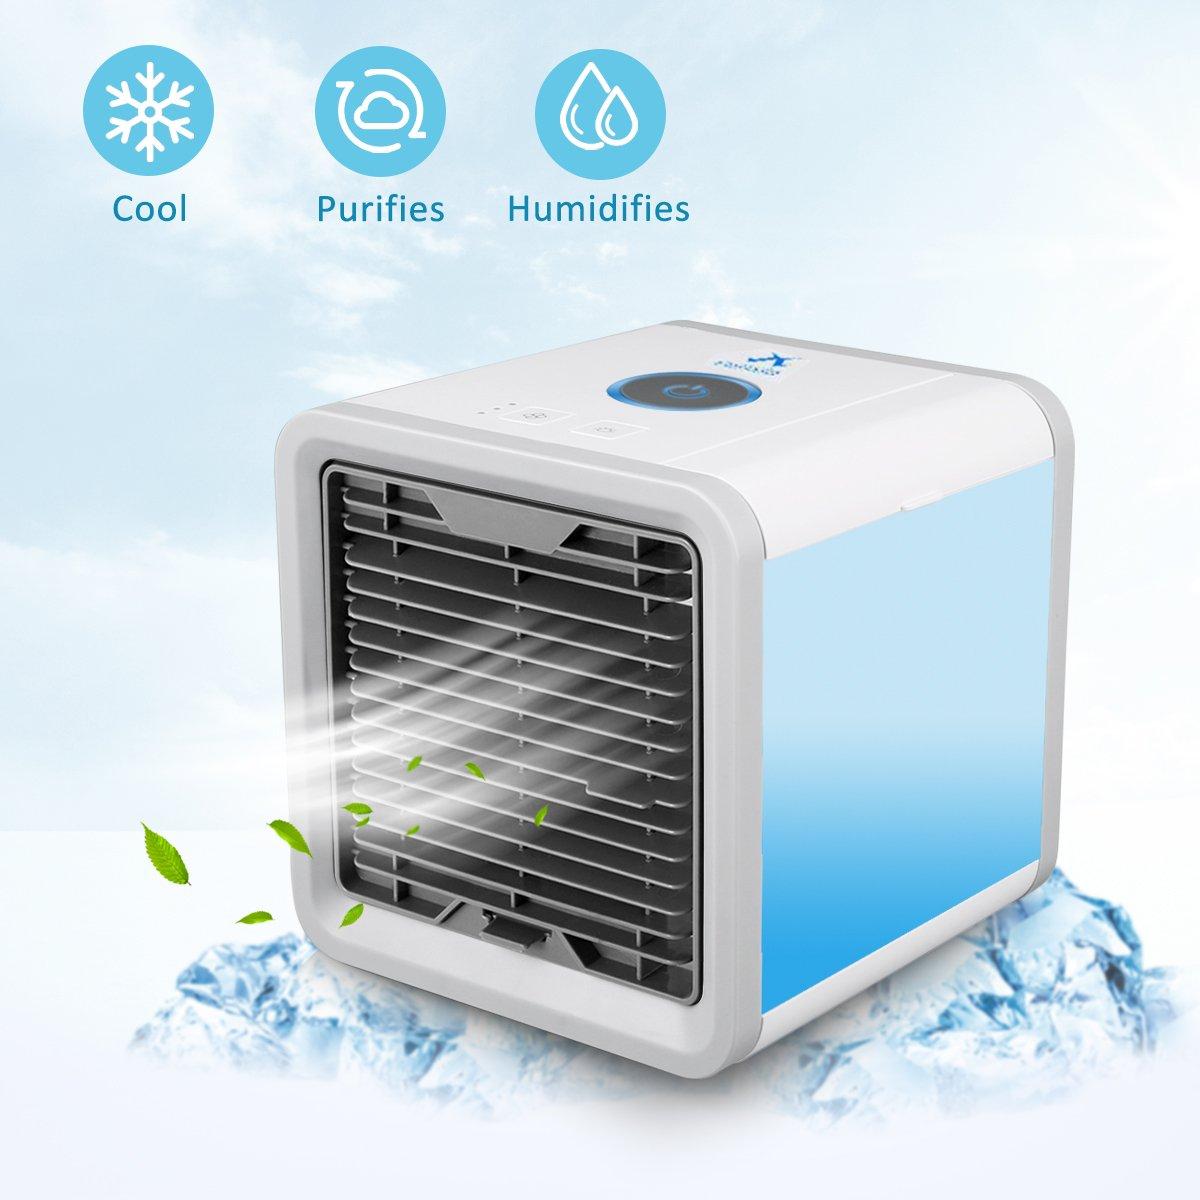 Aire Acondicionado Móvil para Escritorio / Hogar / Oficina ,3-en-1 Ventilador más frío,Humidificador & Purificador de Aire Personal USB Climatizador Portátil: Amazon.es: Bricolaje y herramientas